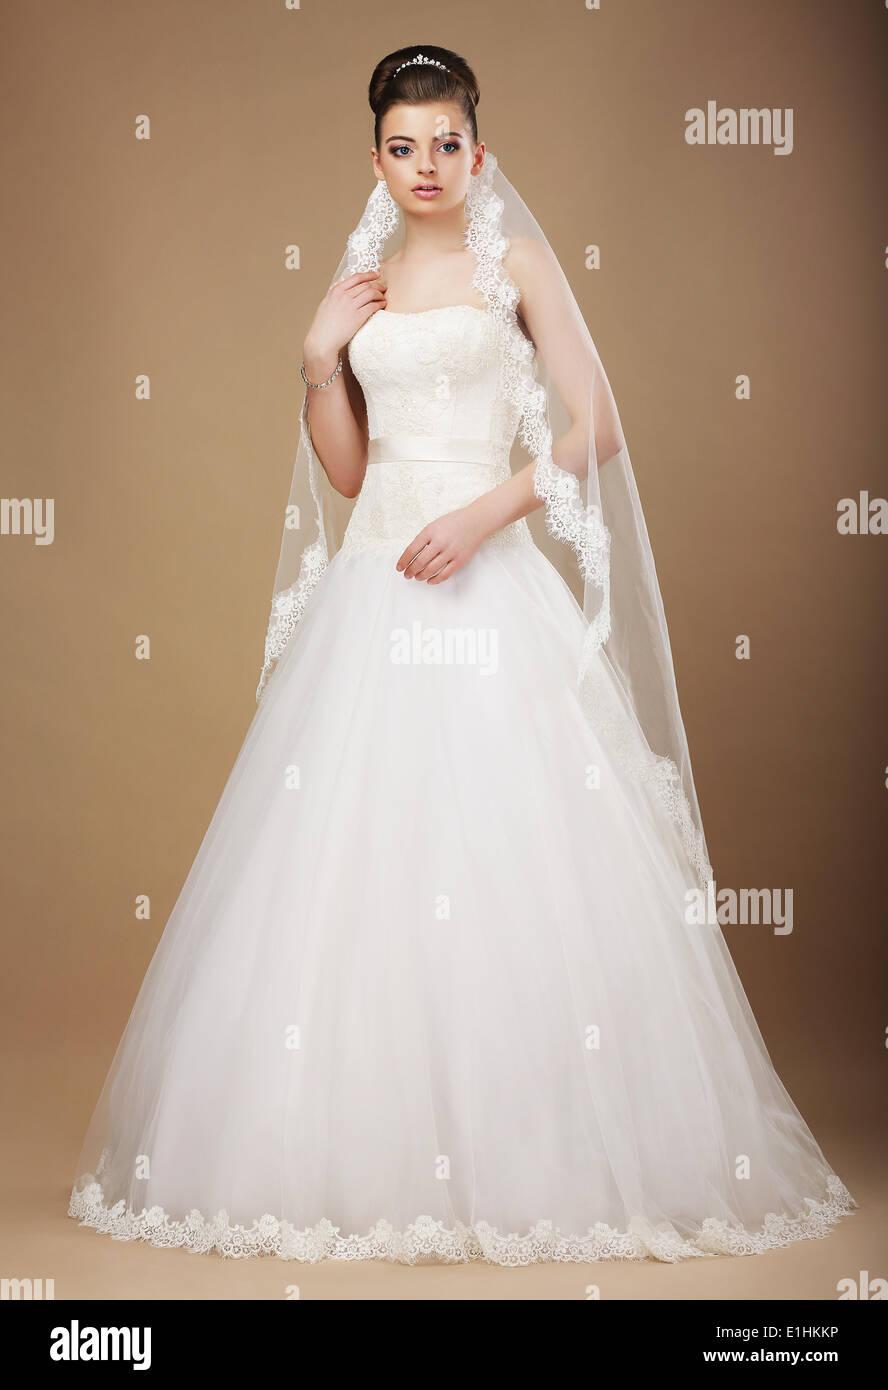 Hochzeit. Schöne anmutige Braut im weißen Kleid und Viel Stockbild